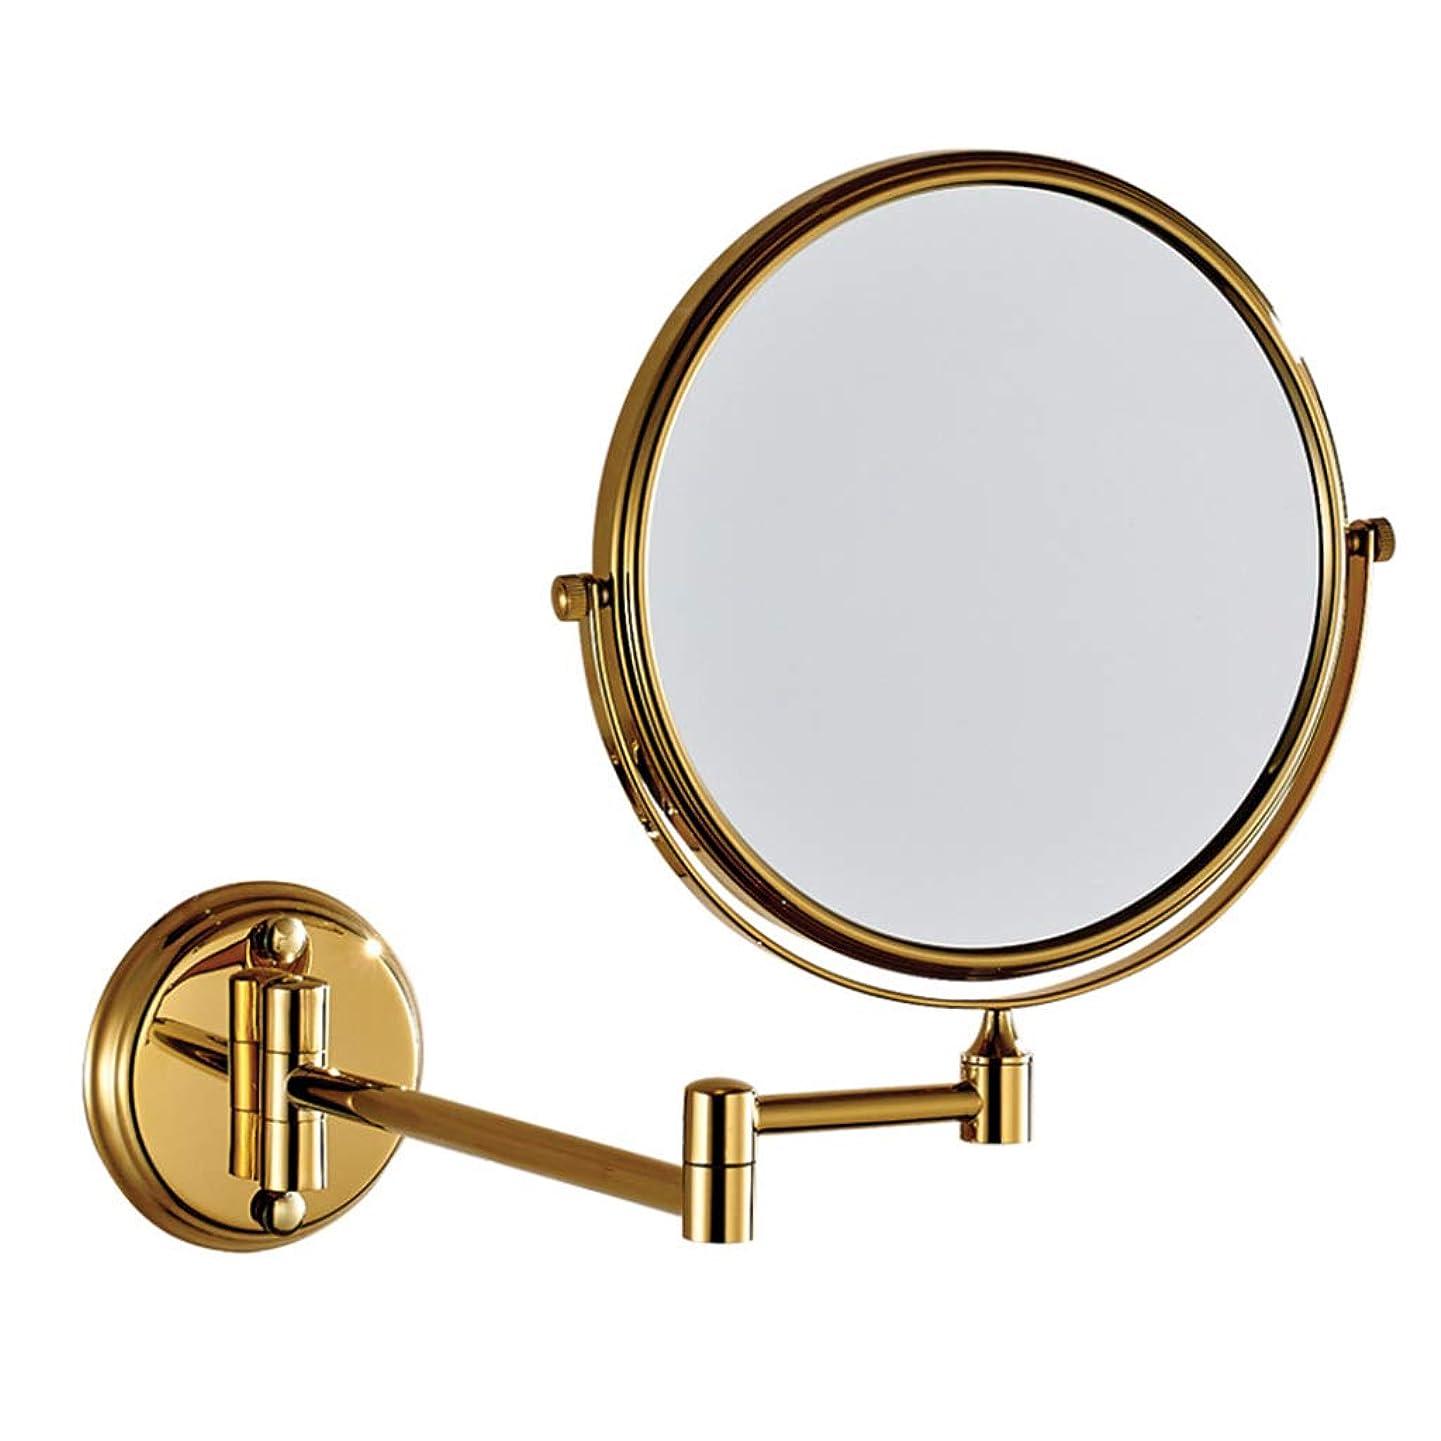 アクティビティひばり鋸歯状HUYYA シェービングミラー 壁付、バスルームメイクアップミラー 3 倍拡大鏡 バニティミラー 両面 化粧鏡 寝室や浴室に適しています,Gold_6inch